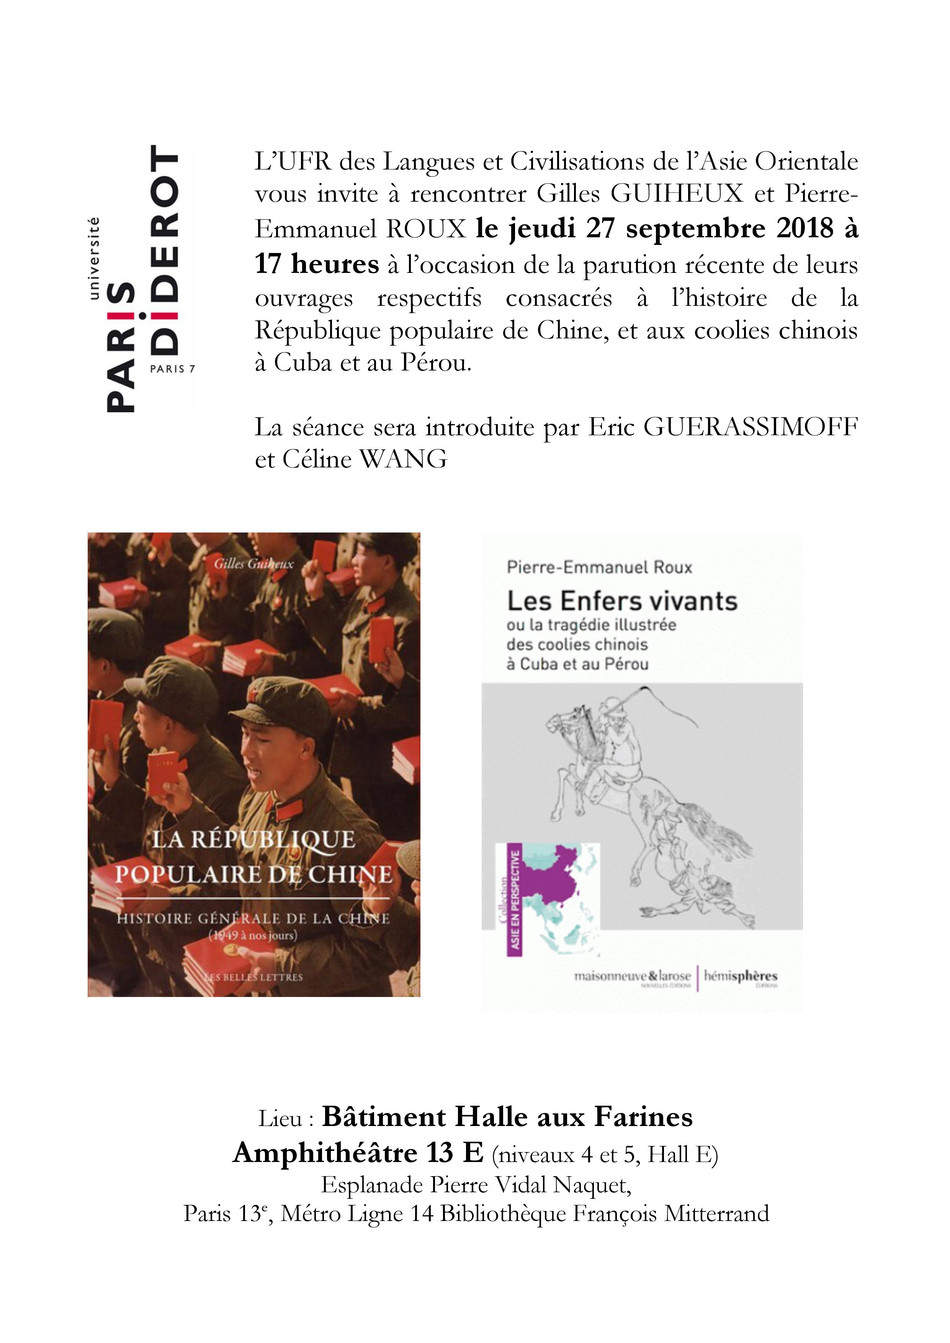 """Rencontre avec Pierre-Emmanuel Roux, auteur du livre """"Les enfers vivants"""" ."""